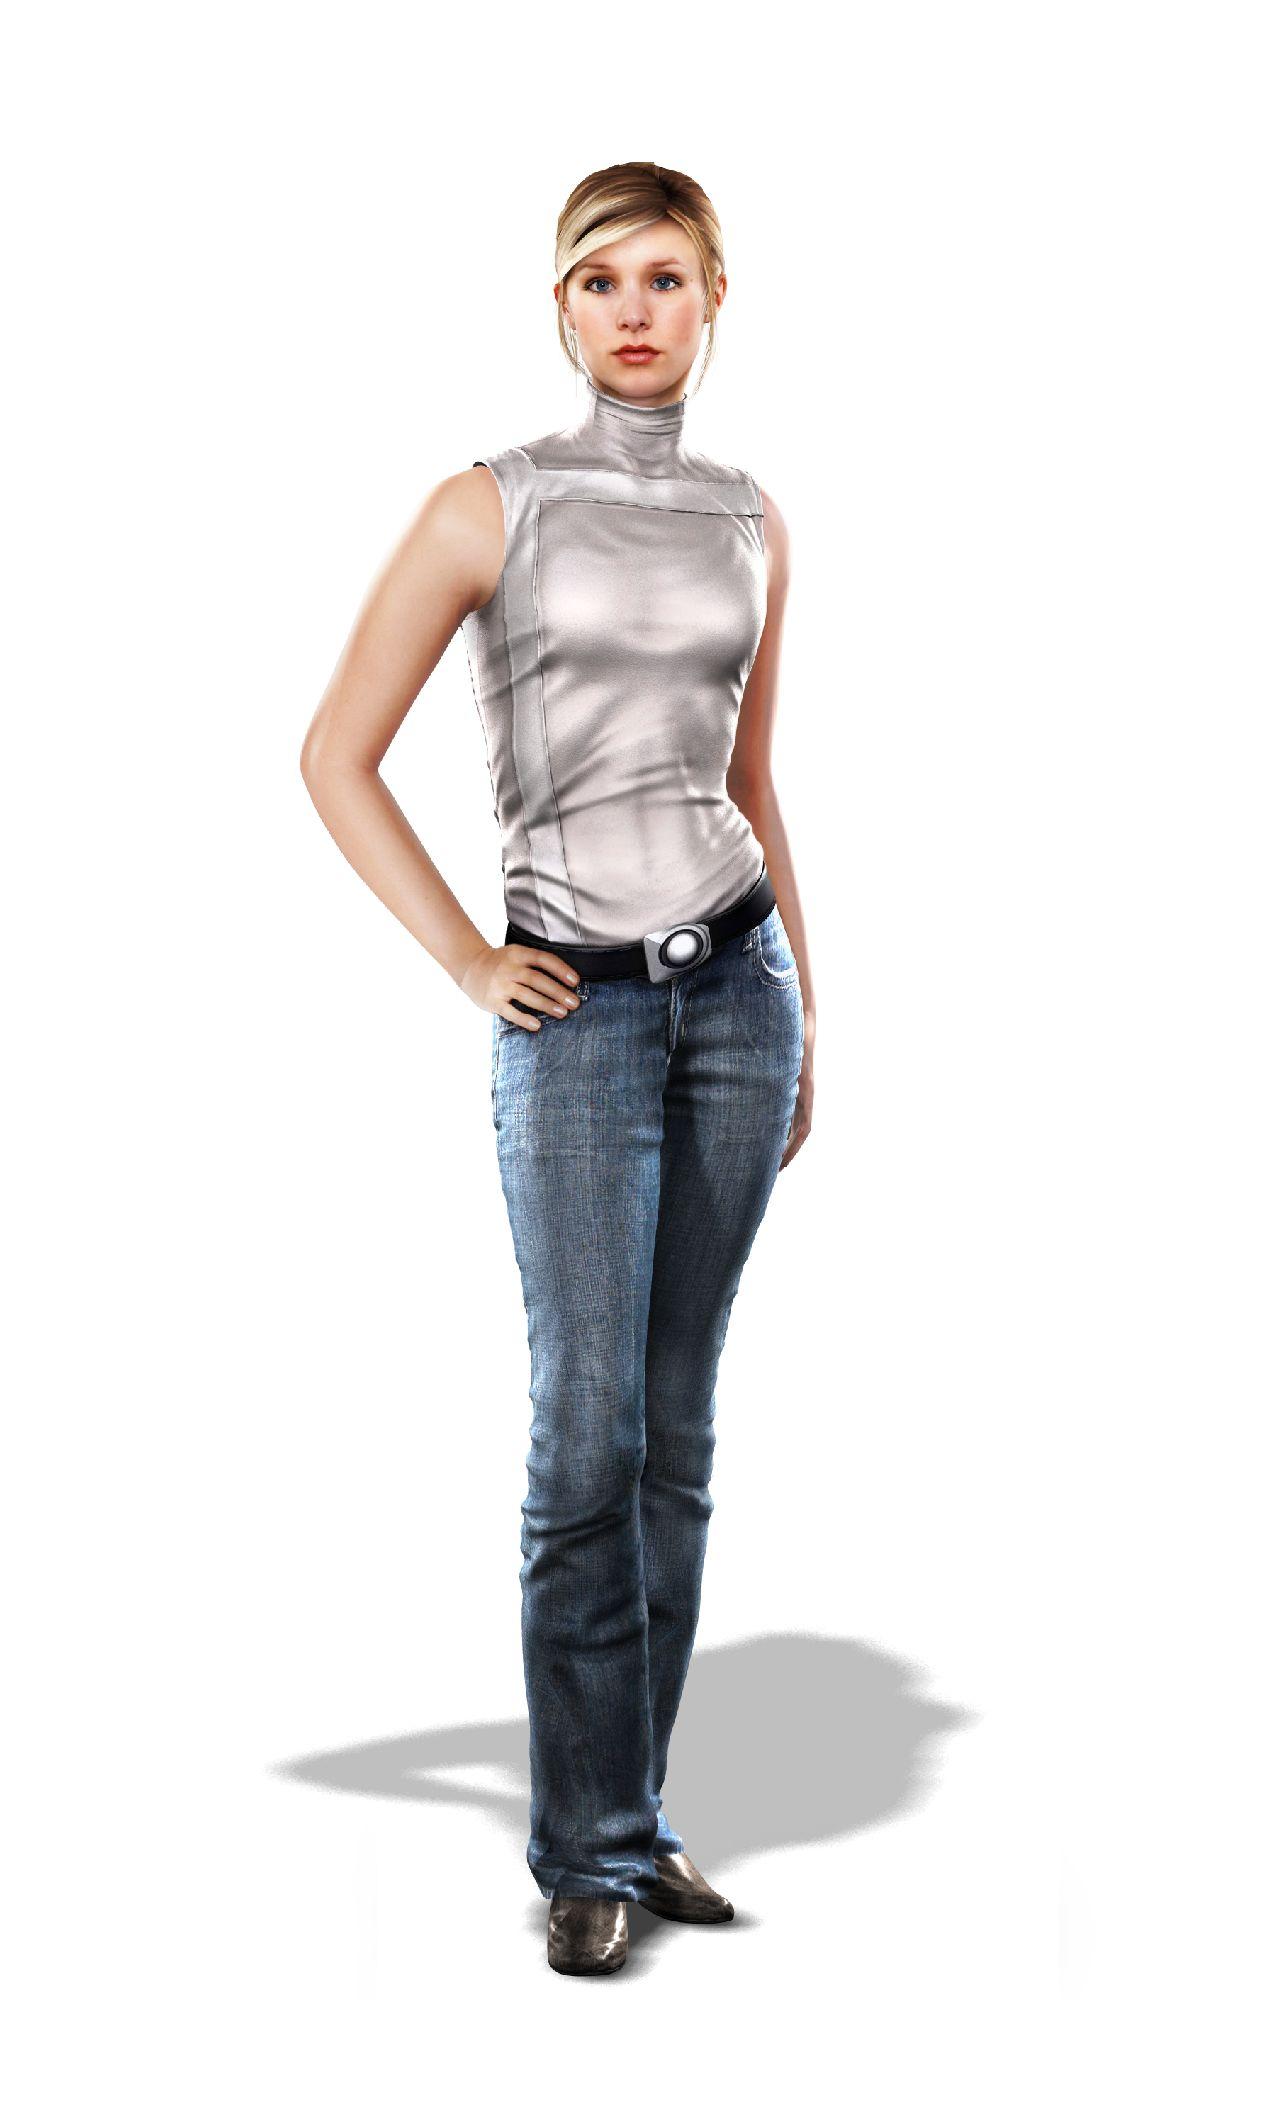 [COMBATE #10] Peach  vs Lara Croft vs Mai Shiranui vs Lucy vs Cortana vs Ada Wong vs Chiristie Monteiro vs Faith Connors Lucy-stillman